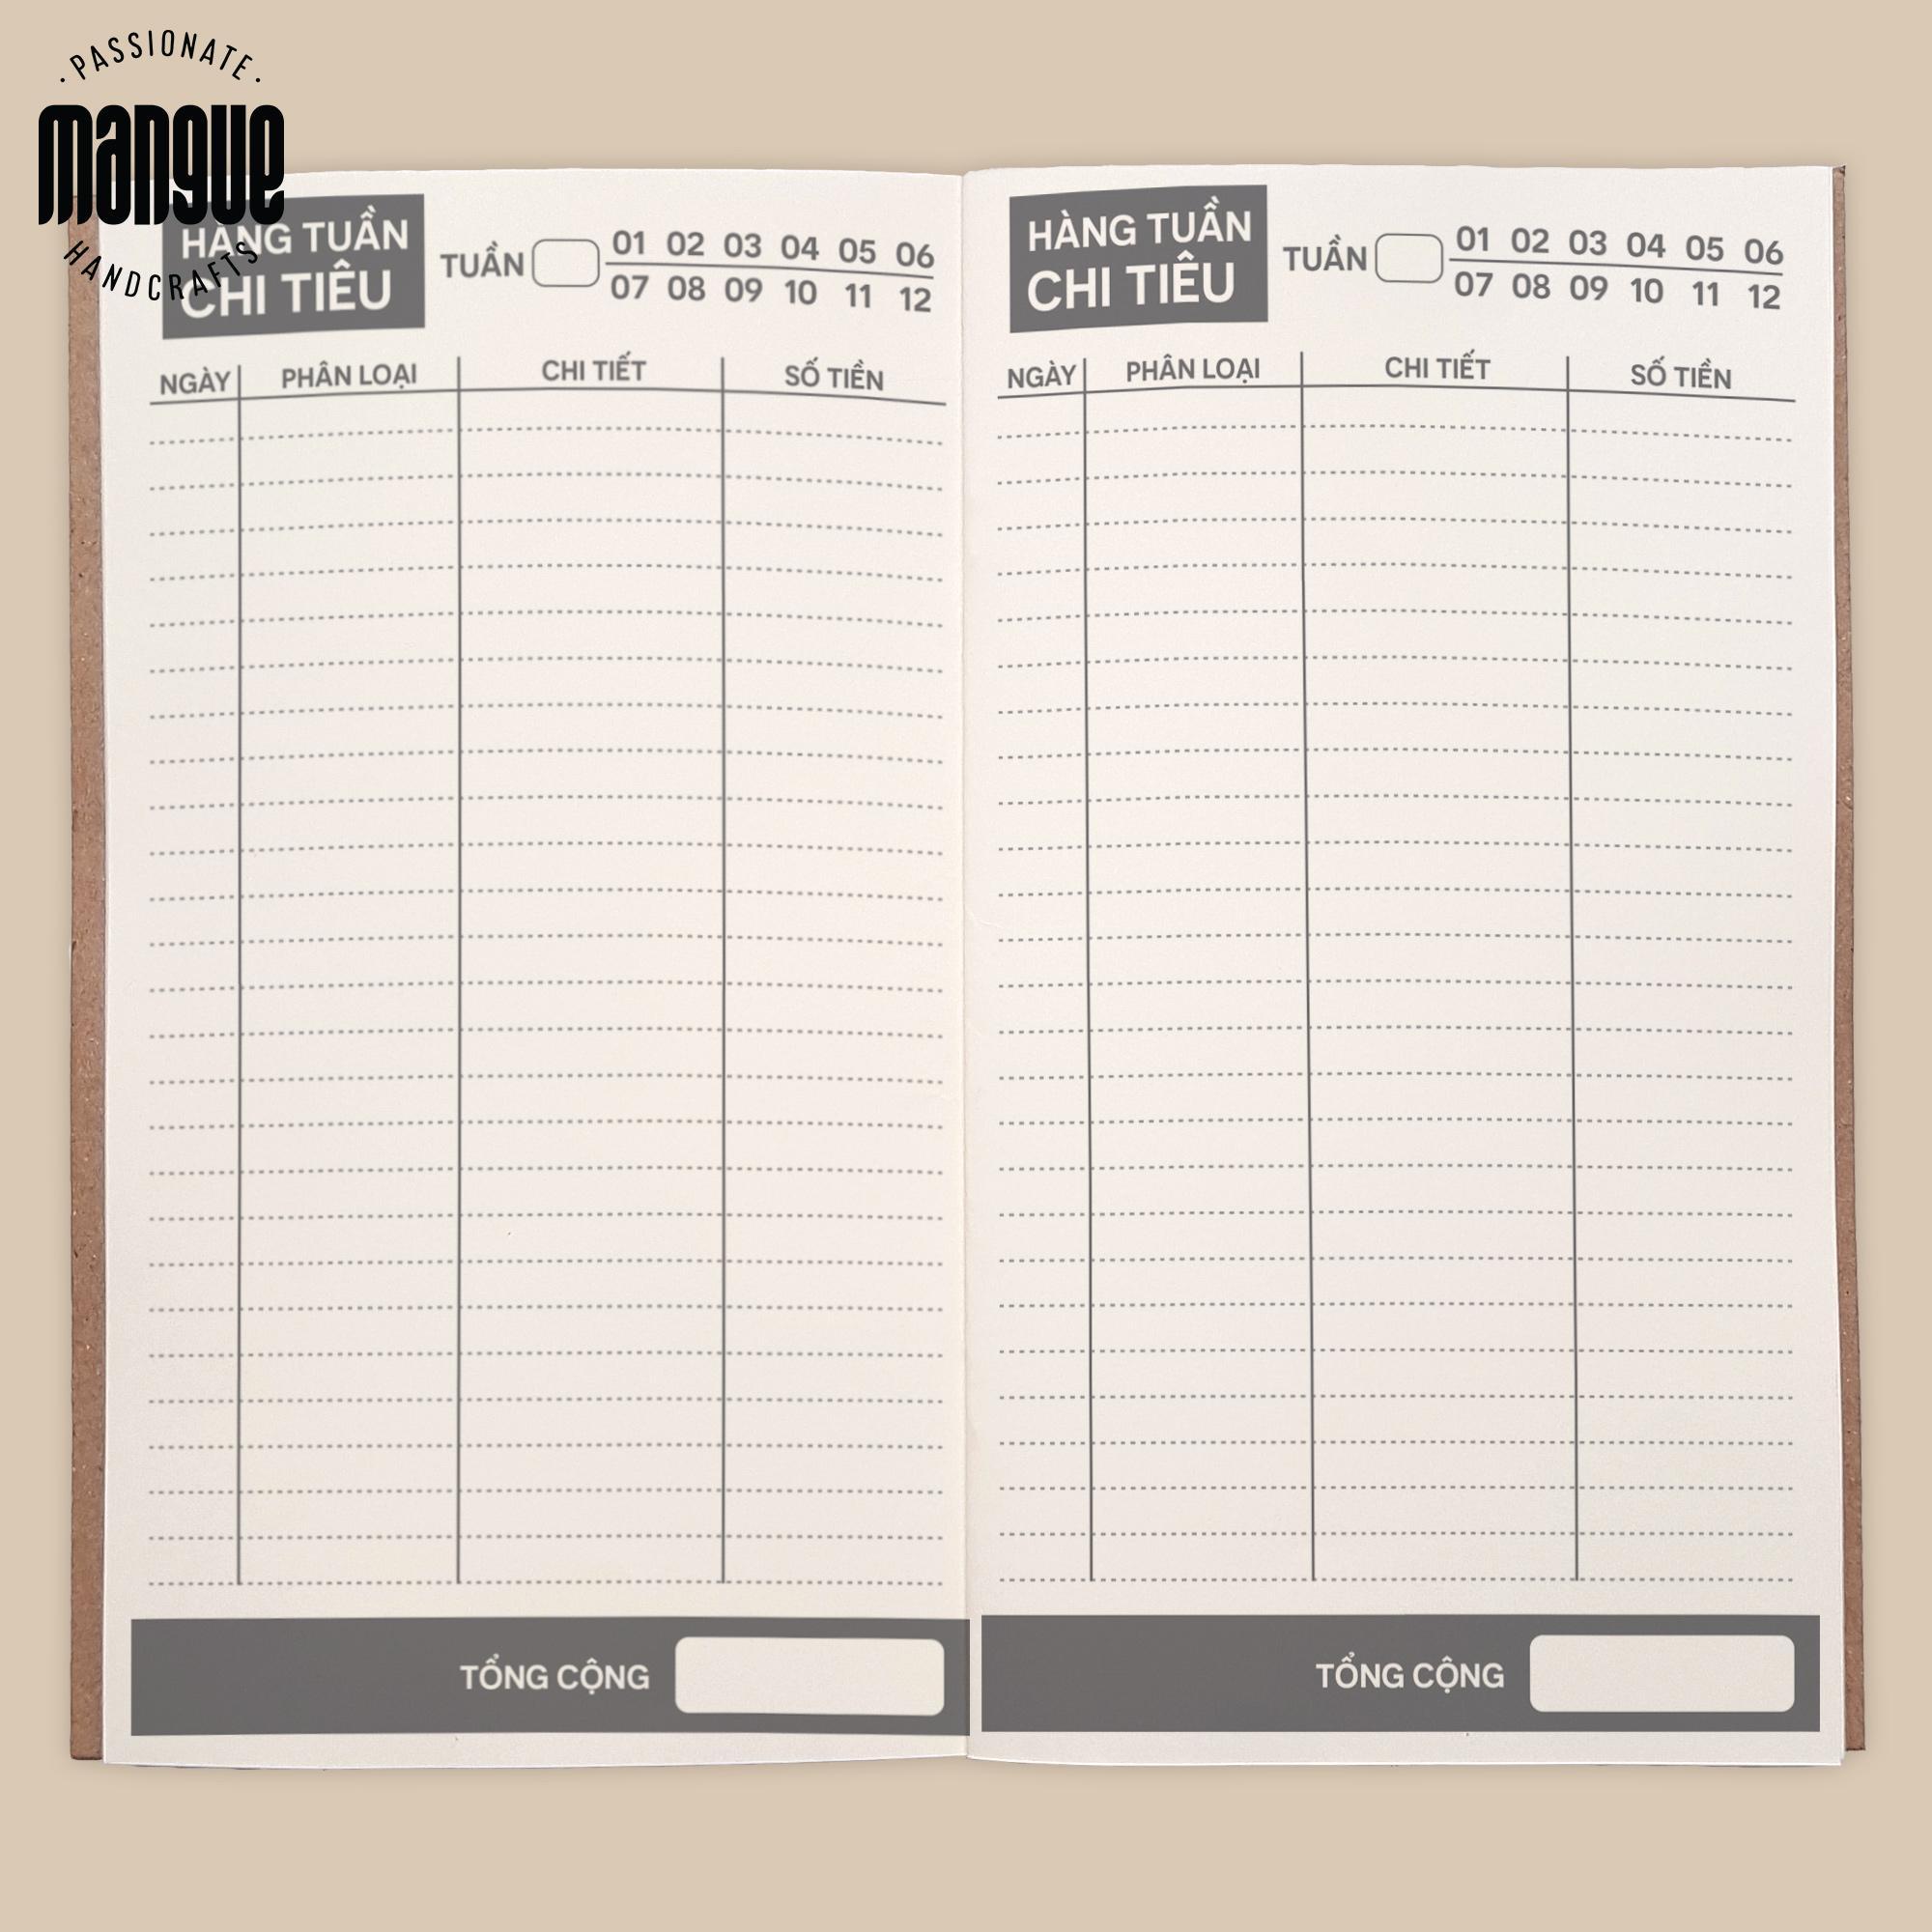 Sổ tay planner giữ tiền bìa cứng 21x11 tài chính cá nhân, thu chi, tiết kiệm, to-do list, thời gian...